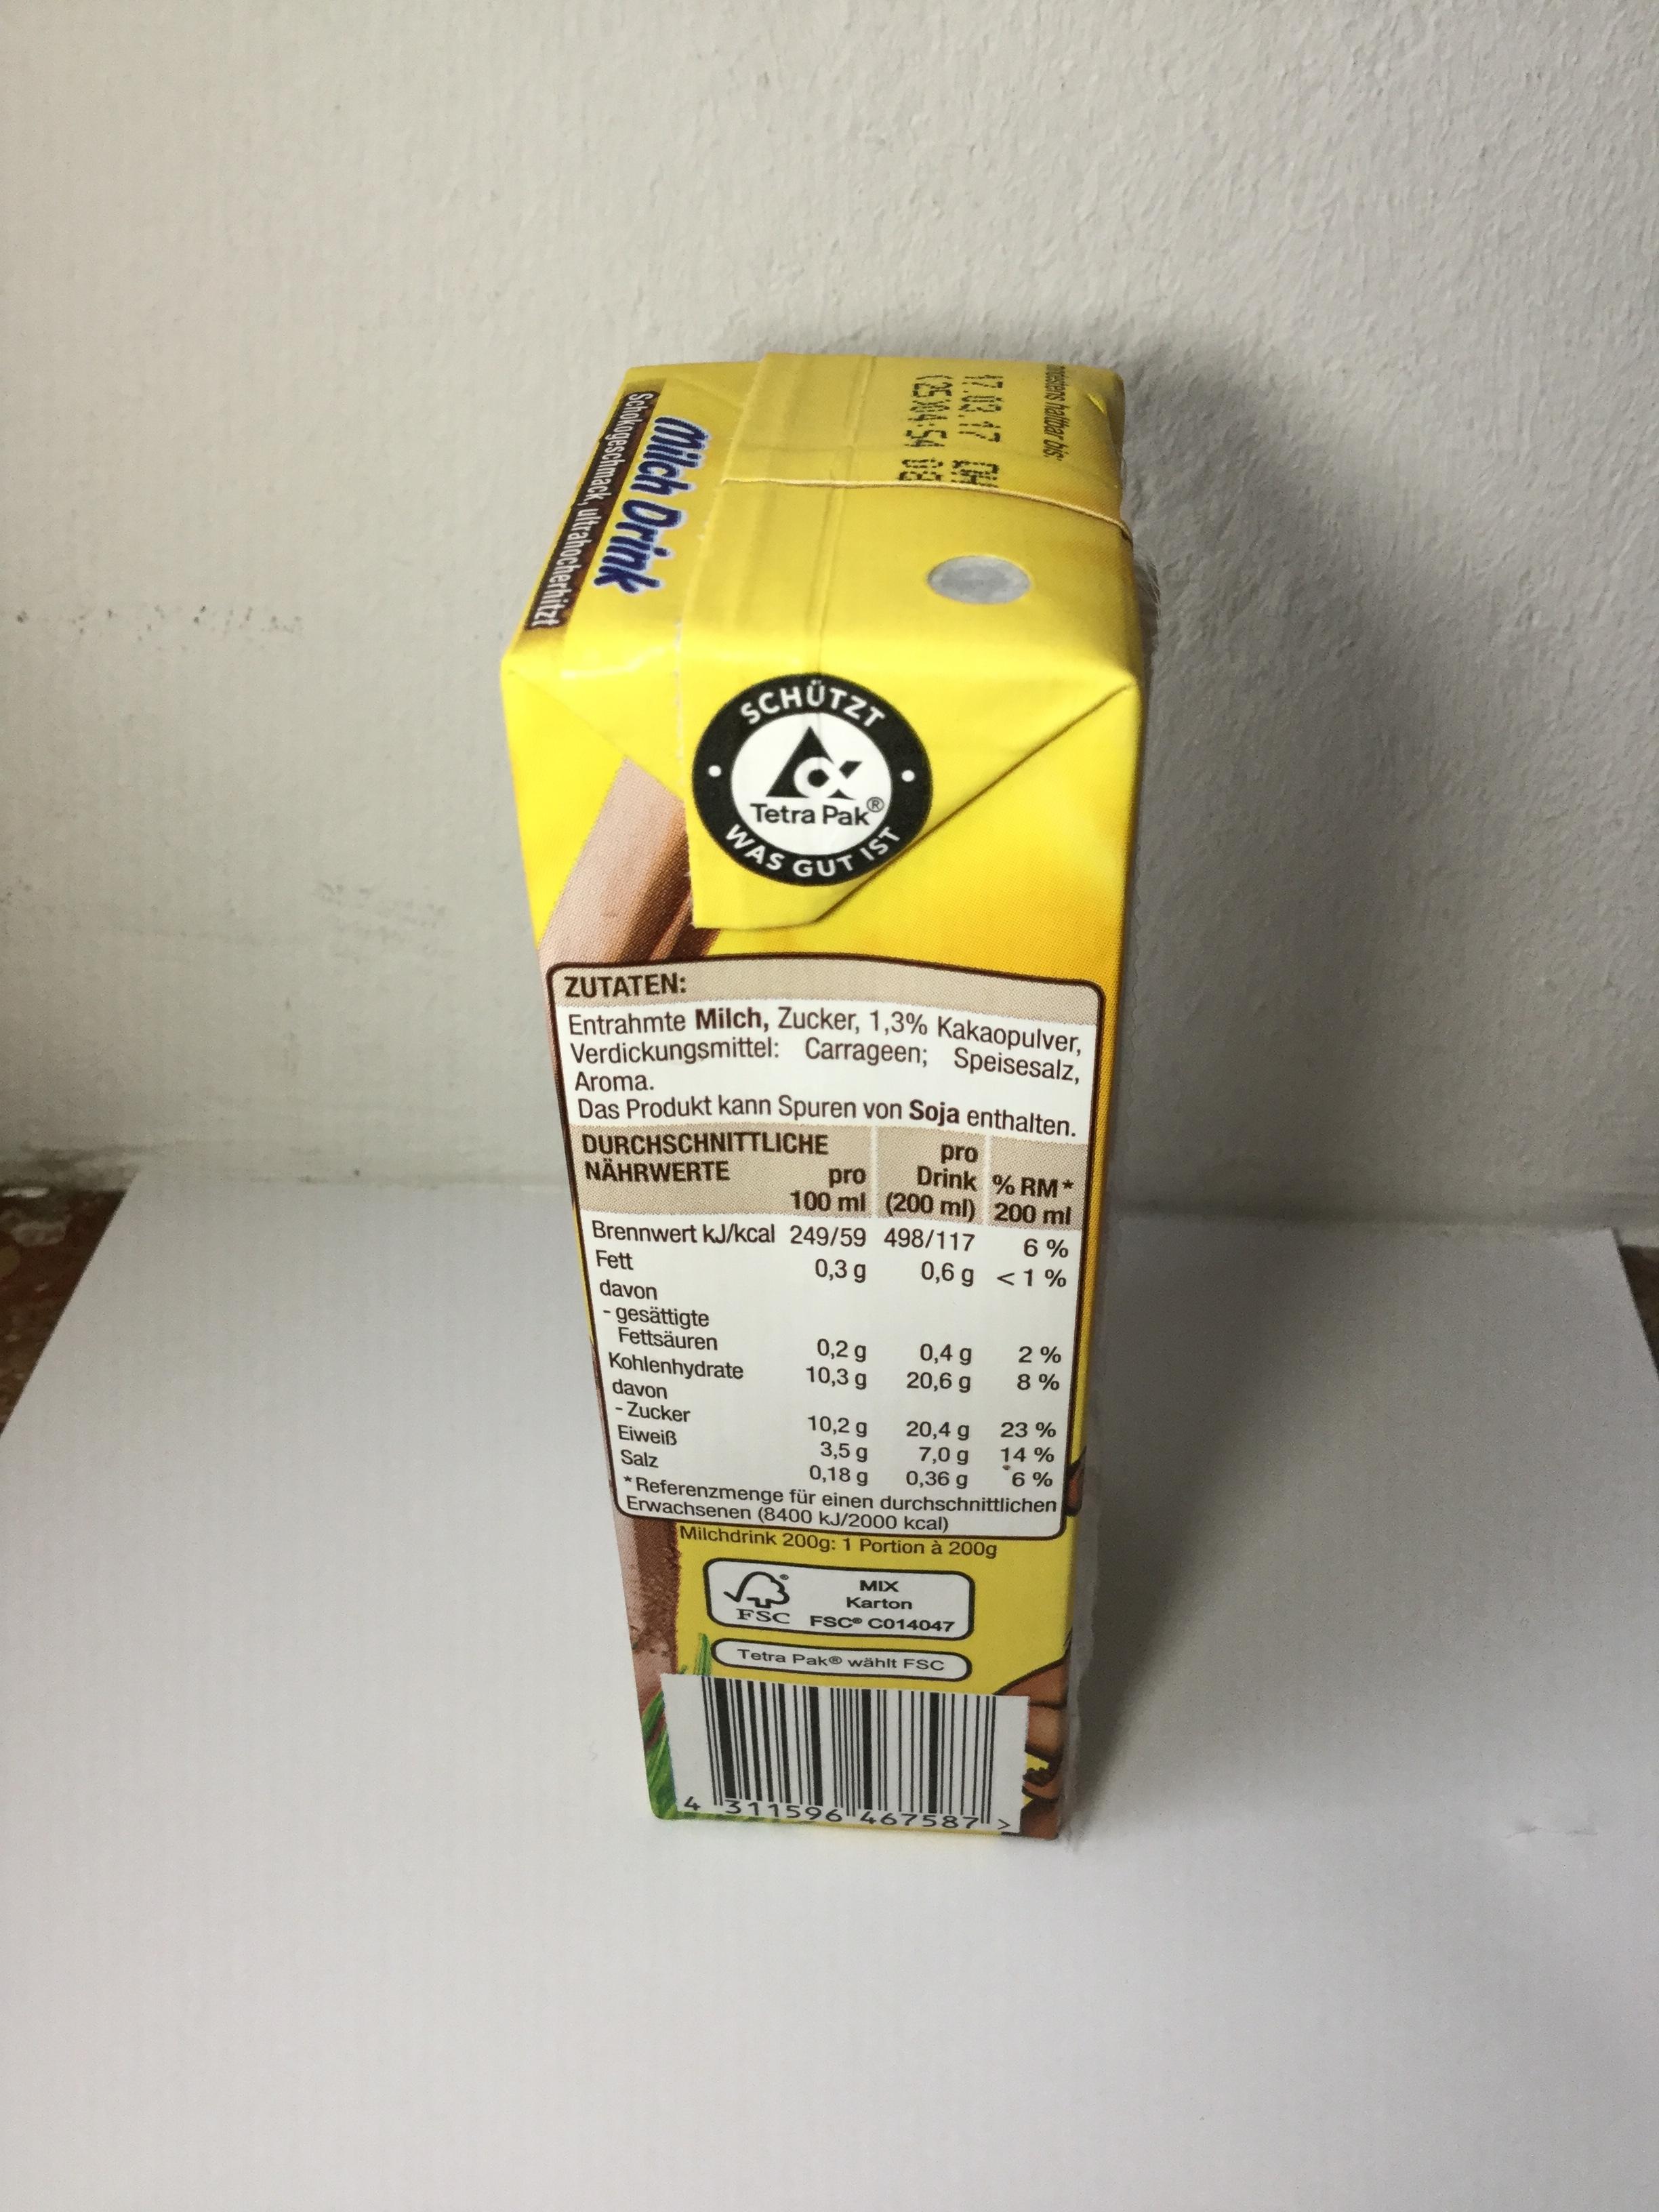 Edeka Gut & Günstig Milch Drink Schokogeschmack Side 1